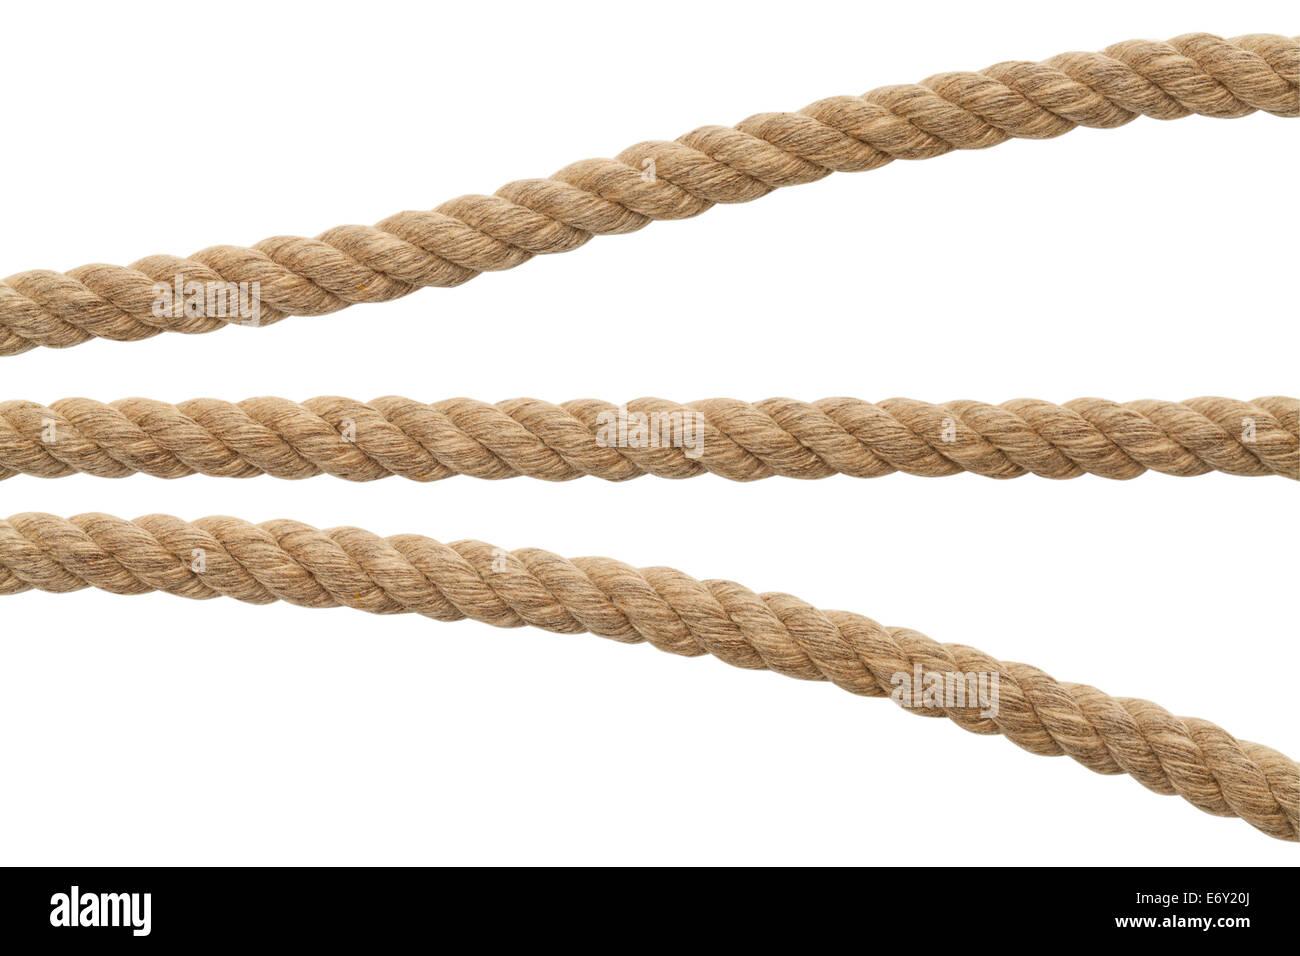 Segmentos de Cuerda marrón aislado sobre fondo blanco. Imagen De Stock